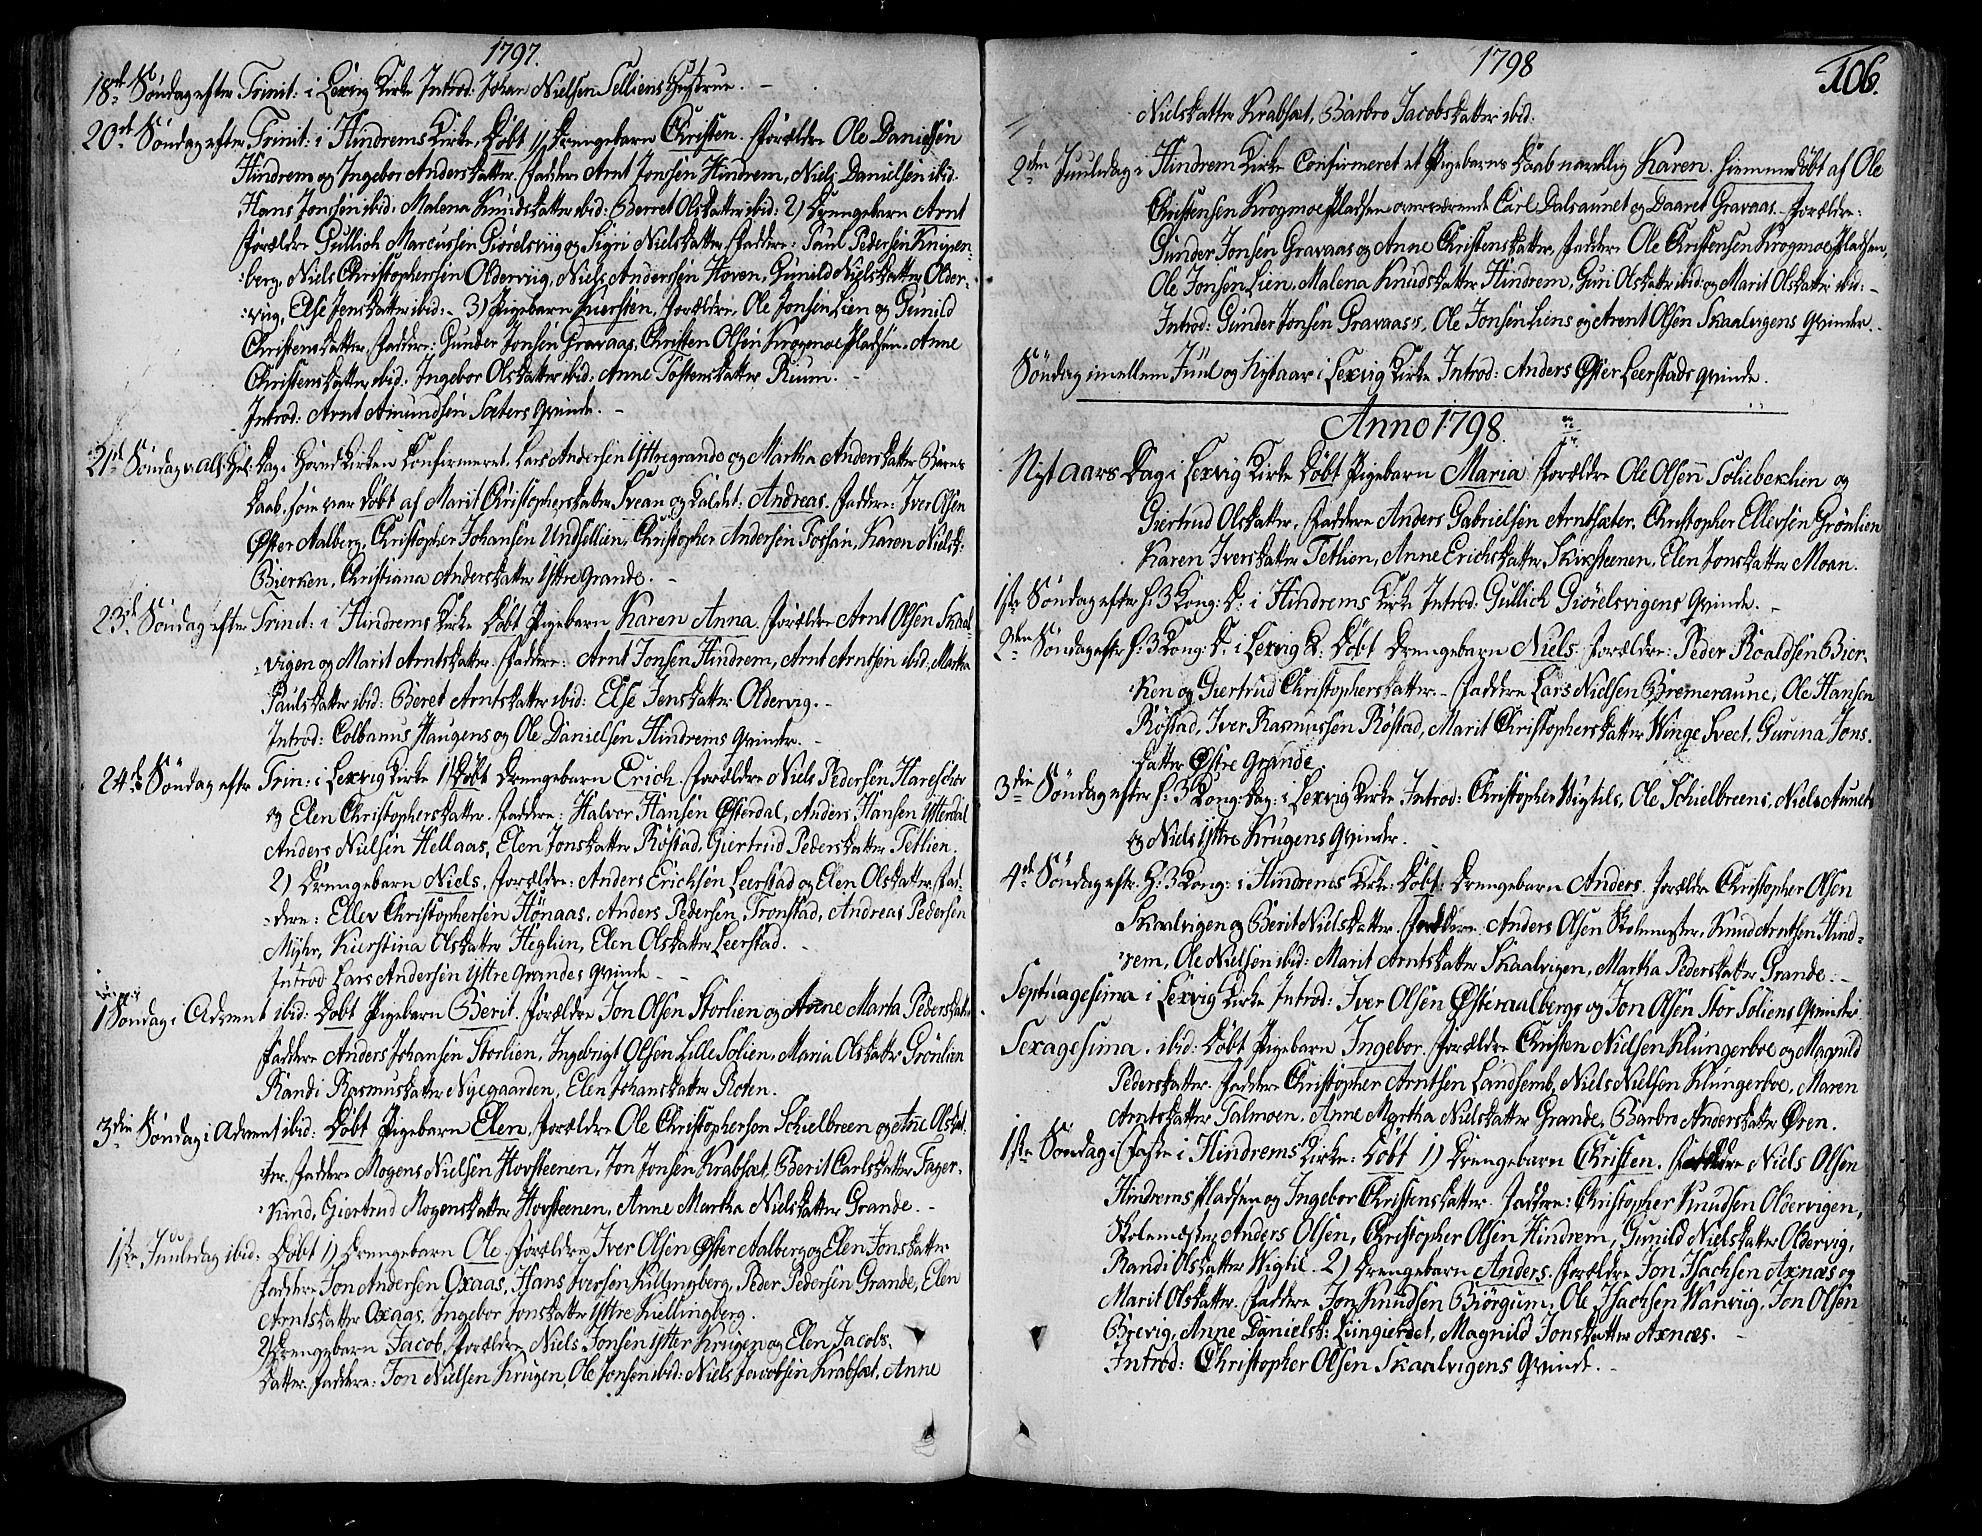 SAT, Ministerialprotokoller, klokkerbøker og fødselsregistre - Nord-Trøndelag, 701/L0004: Ministerialbok nr. 701A04, 1783-1816, s. 106